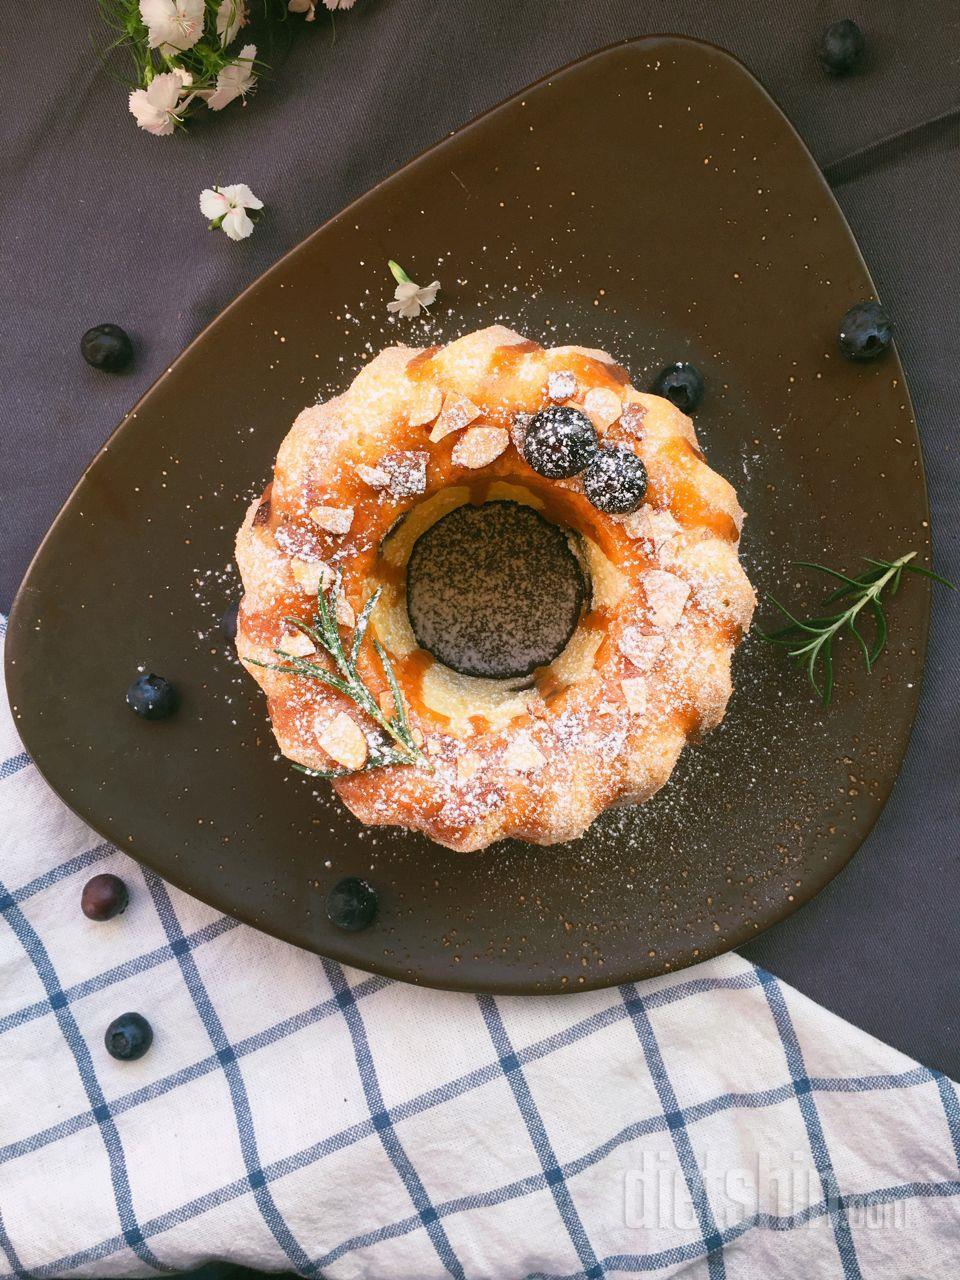 버터대신 코코넛오일로풍미를 더한 블루베리 파운드케익!